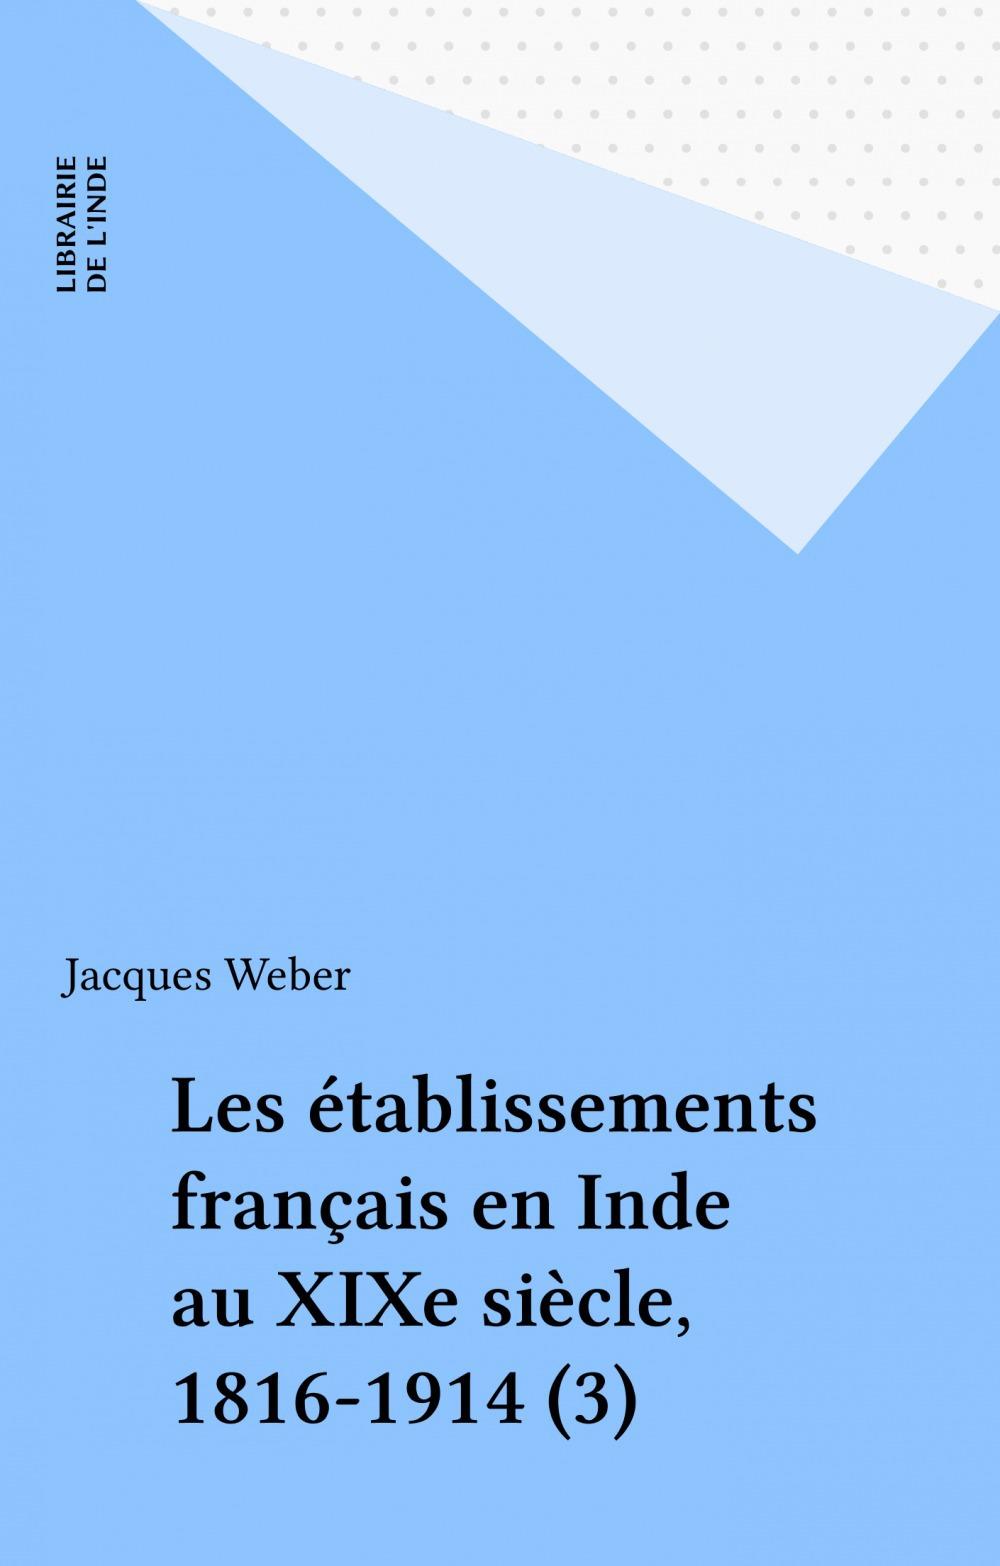 Les établissements français en Inde au XIXe siècle, 1816-1914 (3)  - Jacques WEBER